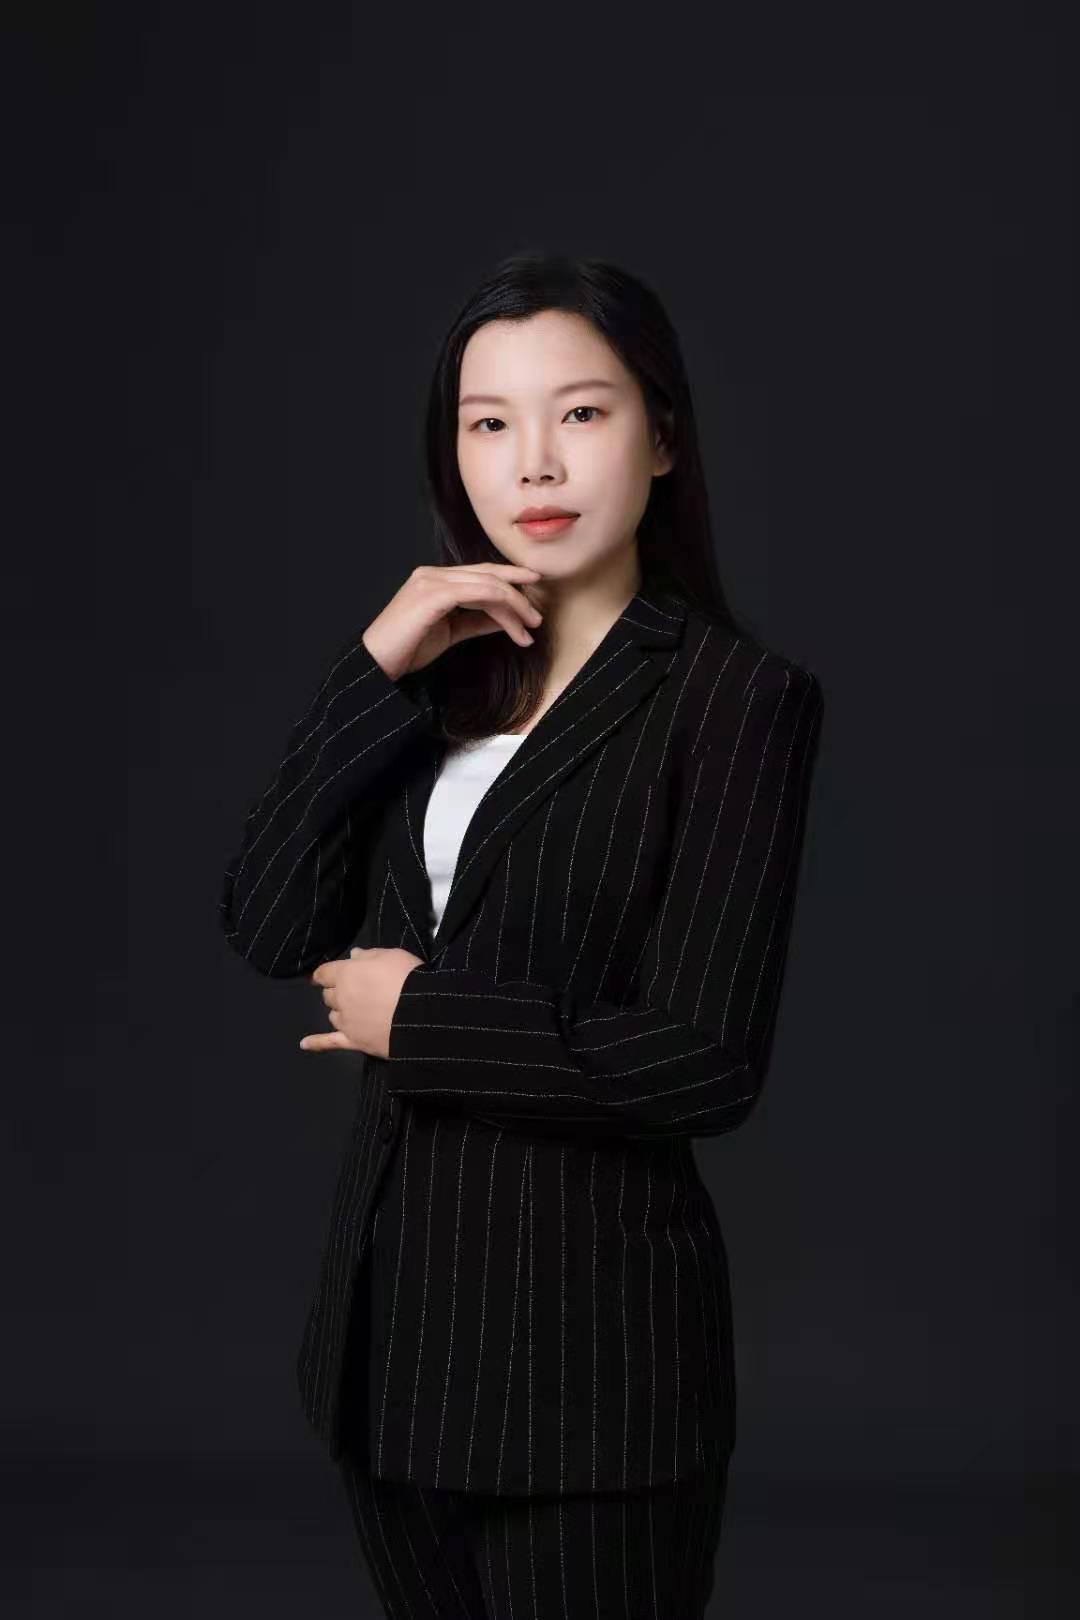 苏秋燕律师-社会保险基金应该包括的内容有哪些?